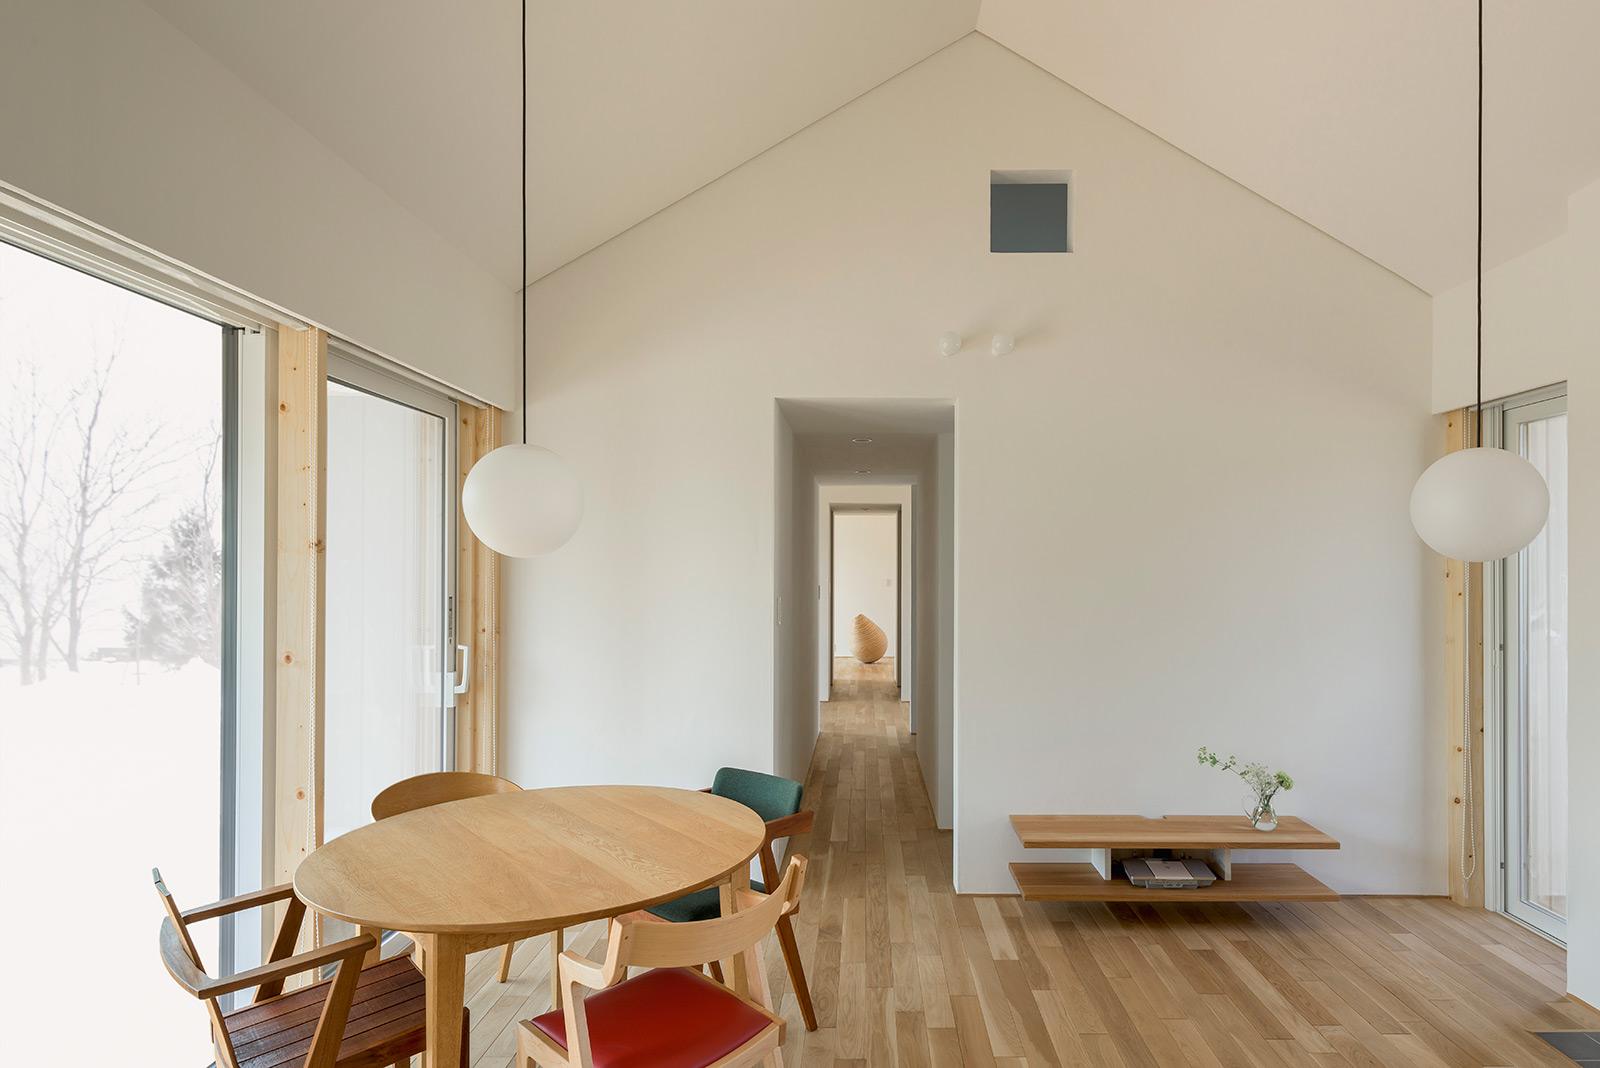 キクザワ×エスエーデザインオフィス「大きな屋根の小さな家」<br>コンパクトなサイズのリビング・ダイニングには、眺望を楽しむための大きな窓を設置